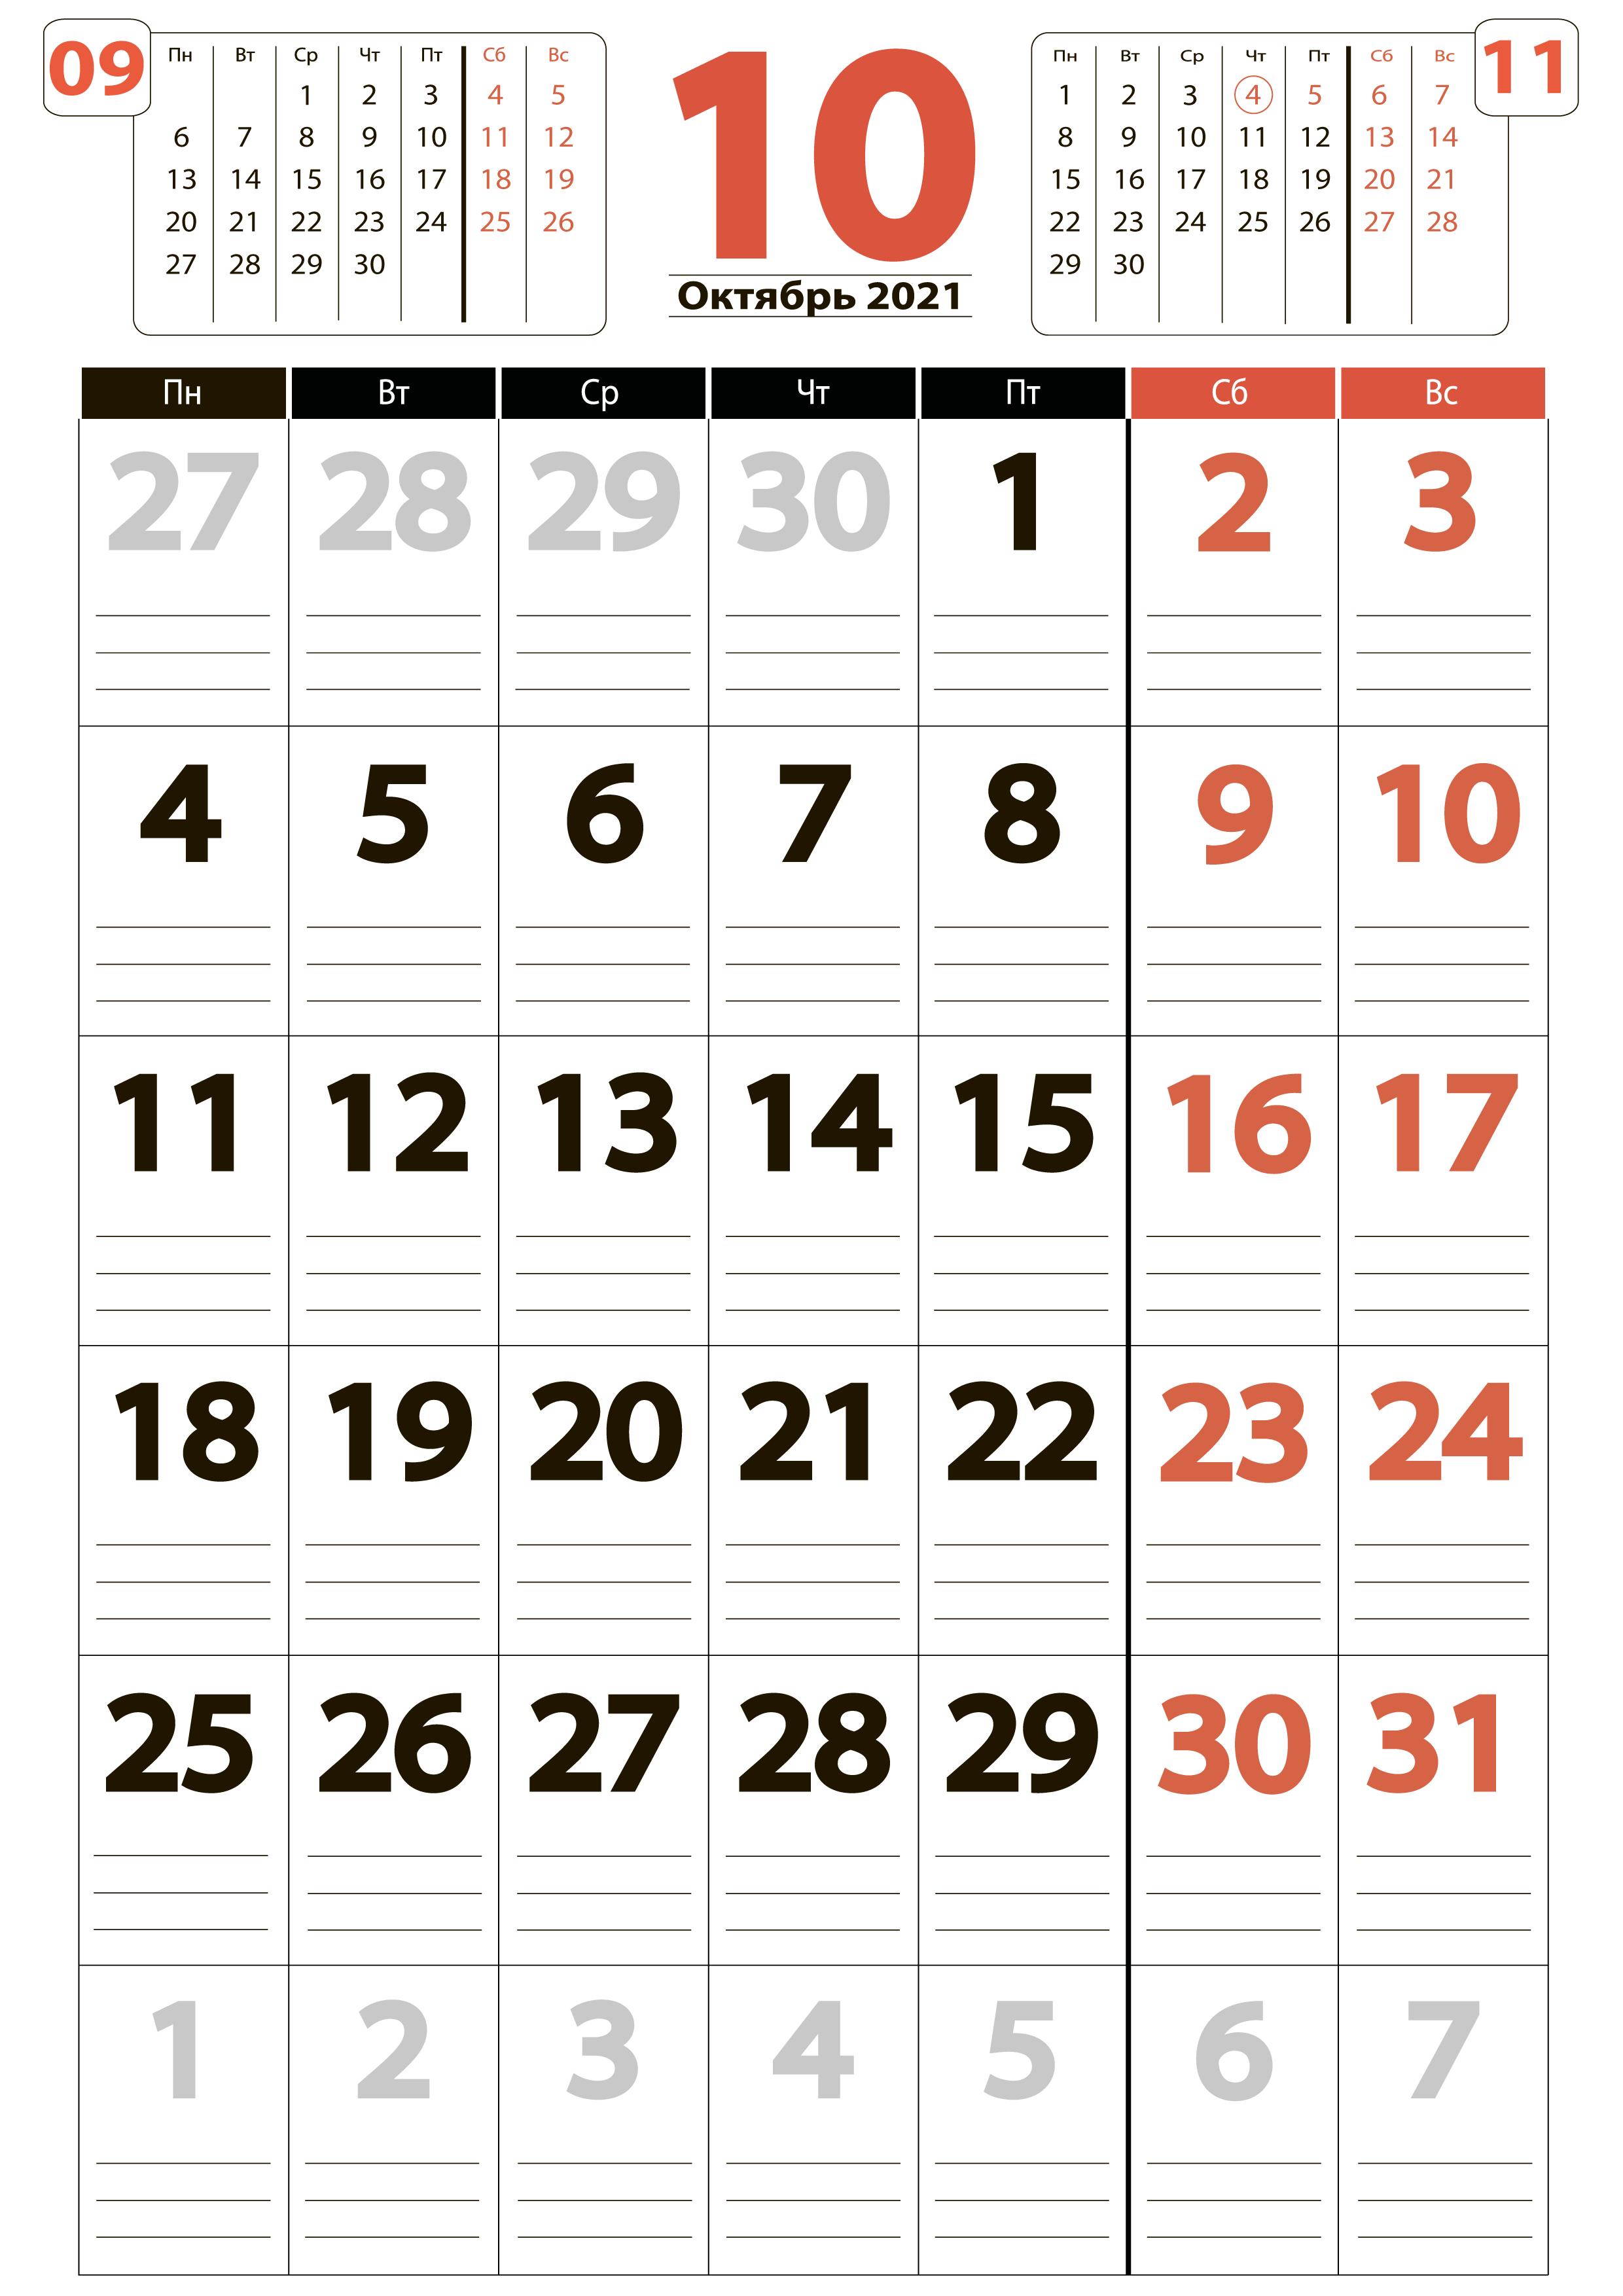 Октябрь 2021 - Календарь книжный формат